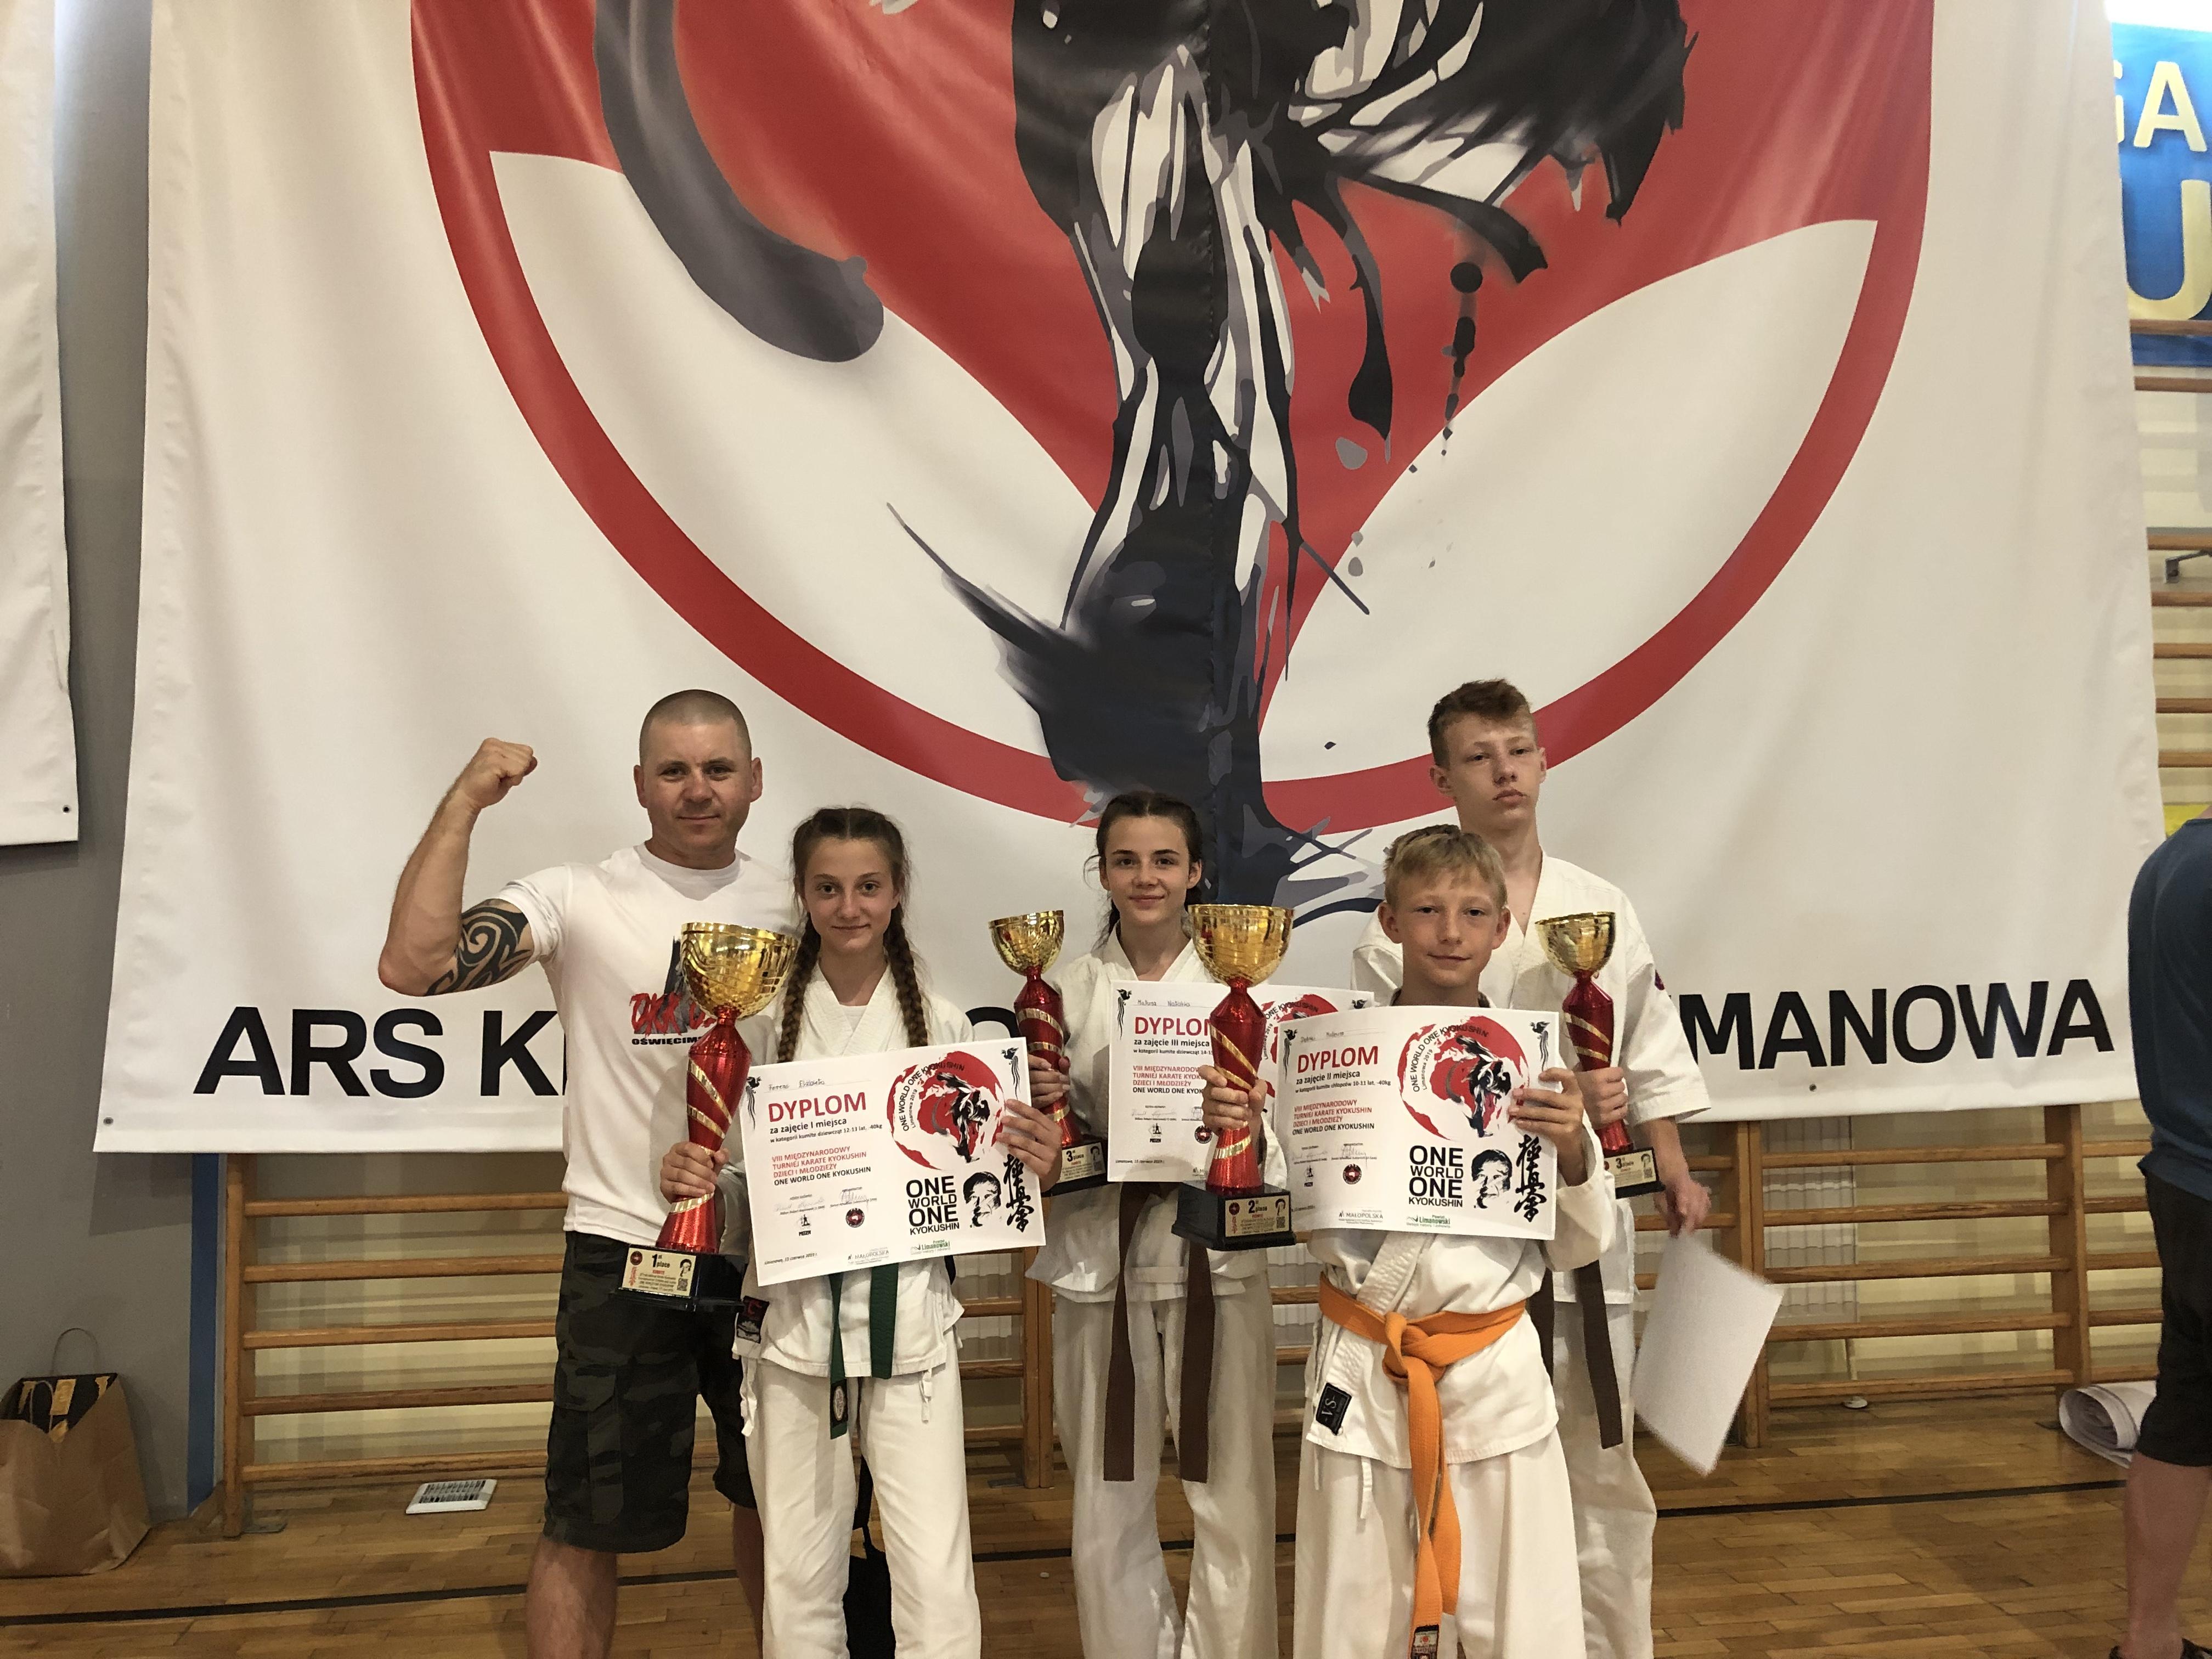 """W Limanowej podczas zawodów """"One world, one kyokushin"""" oświęcimscy karatecy wywalczyli cztery medale. Fot. nadesłane/zbiory OKK"""